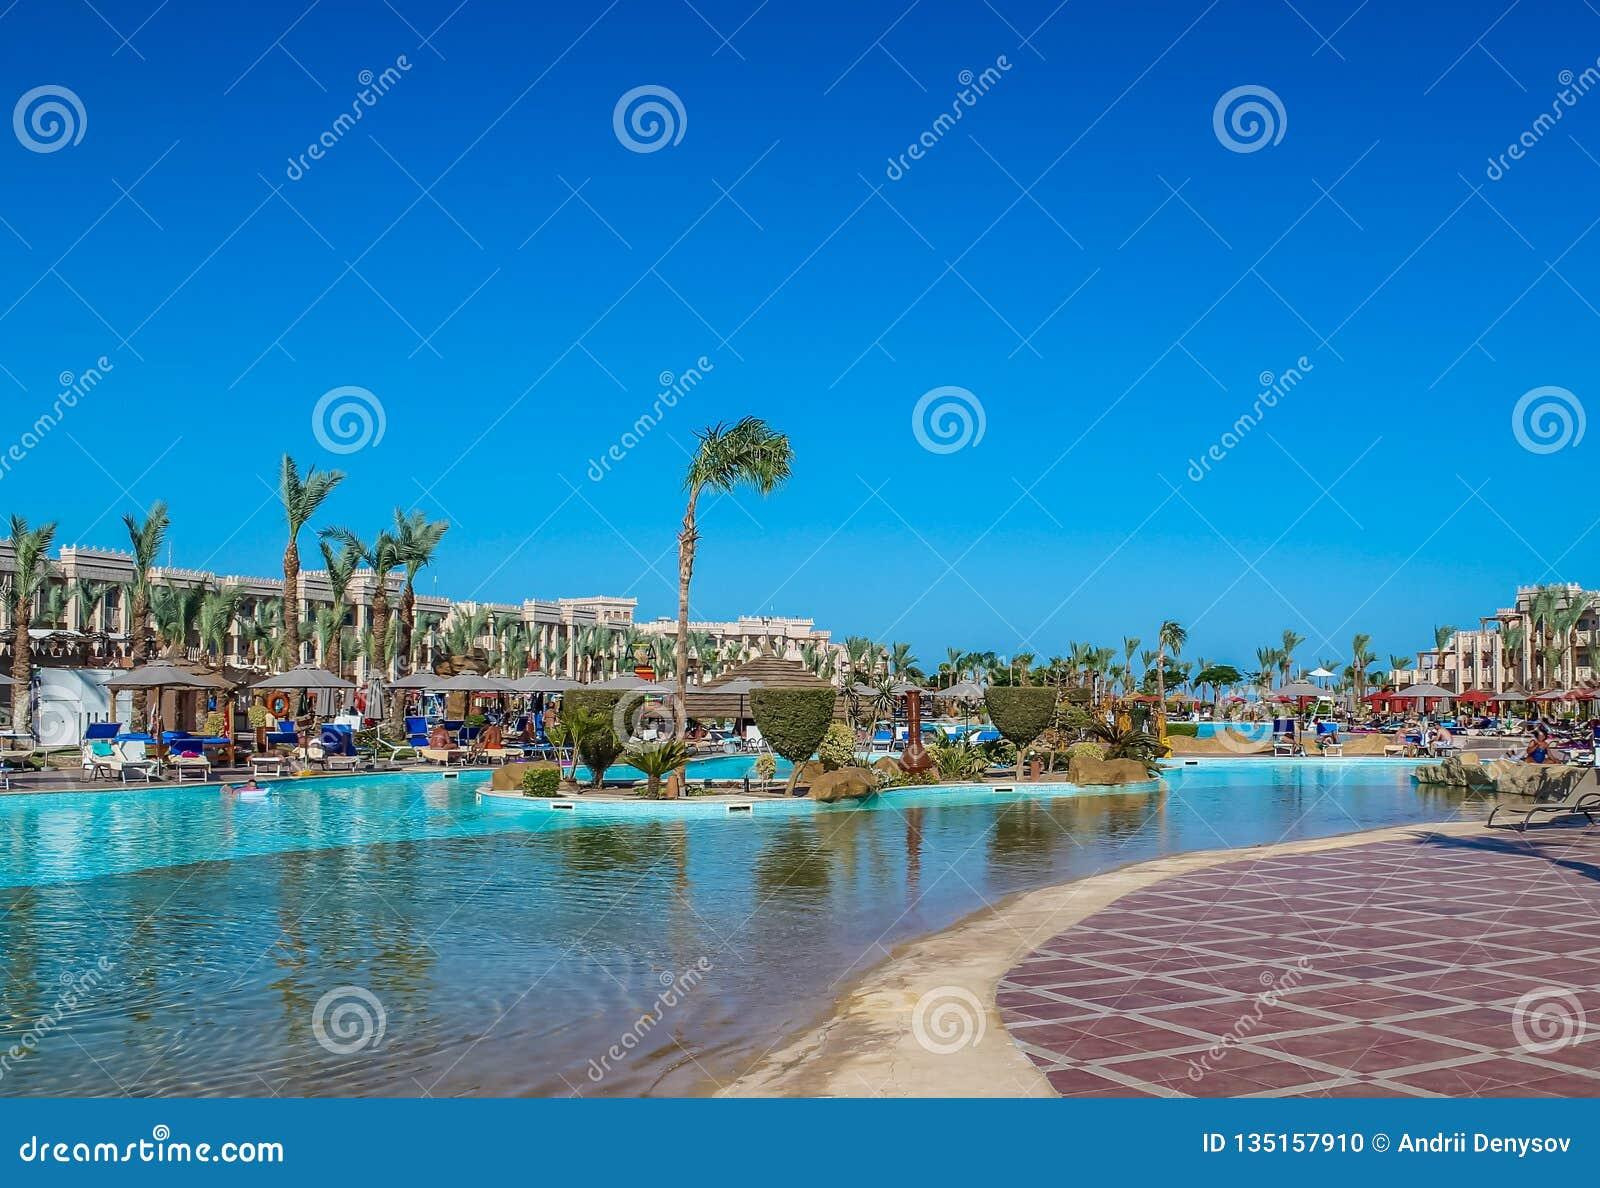 Ideia da área de recreação dos hotel's na praia e na costa de mar, palmeiras sob o céu azul de um dia ensolarado